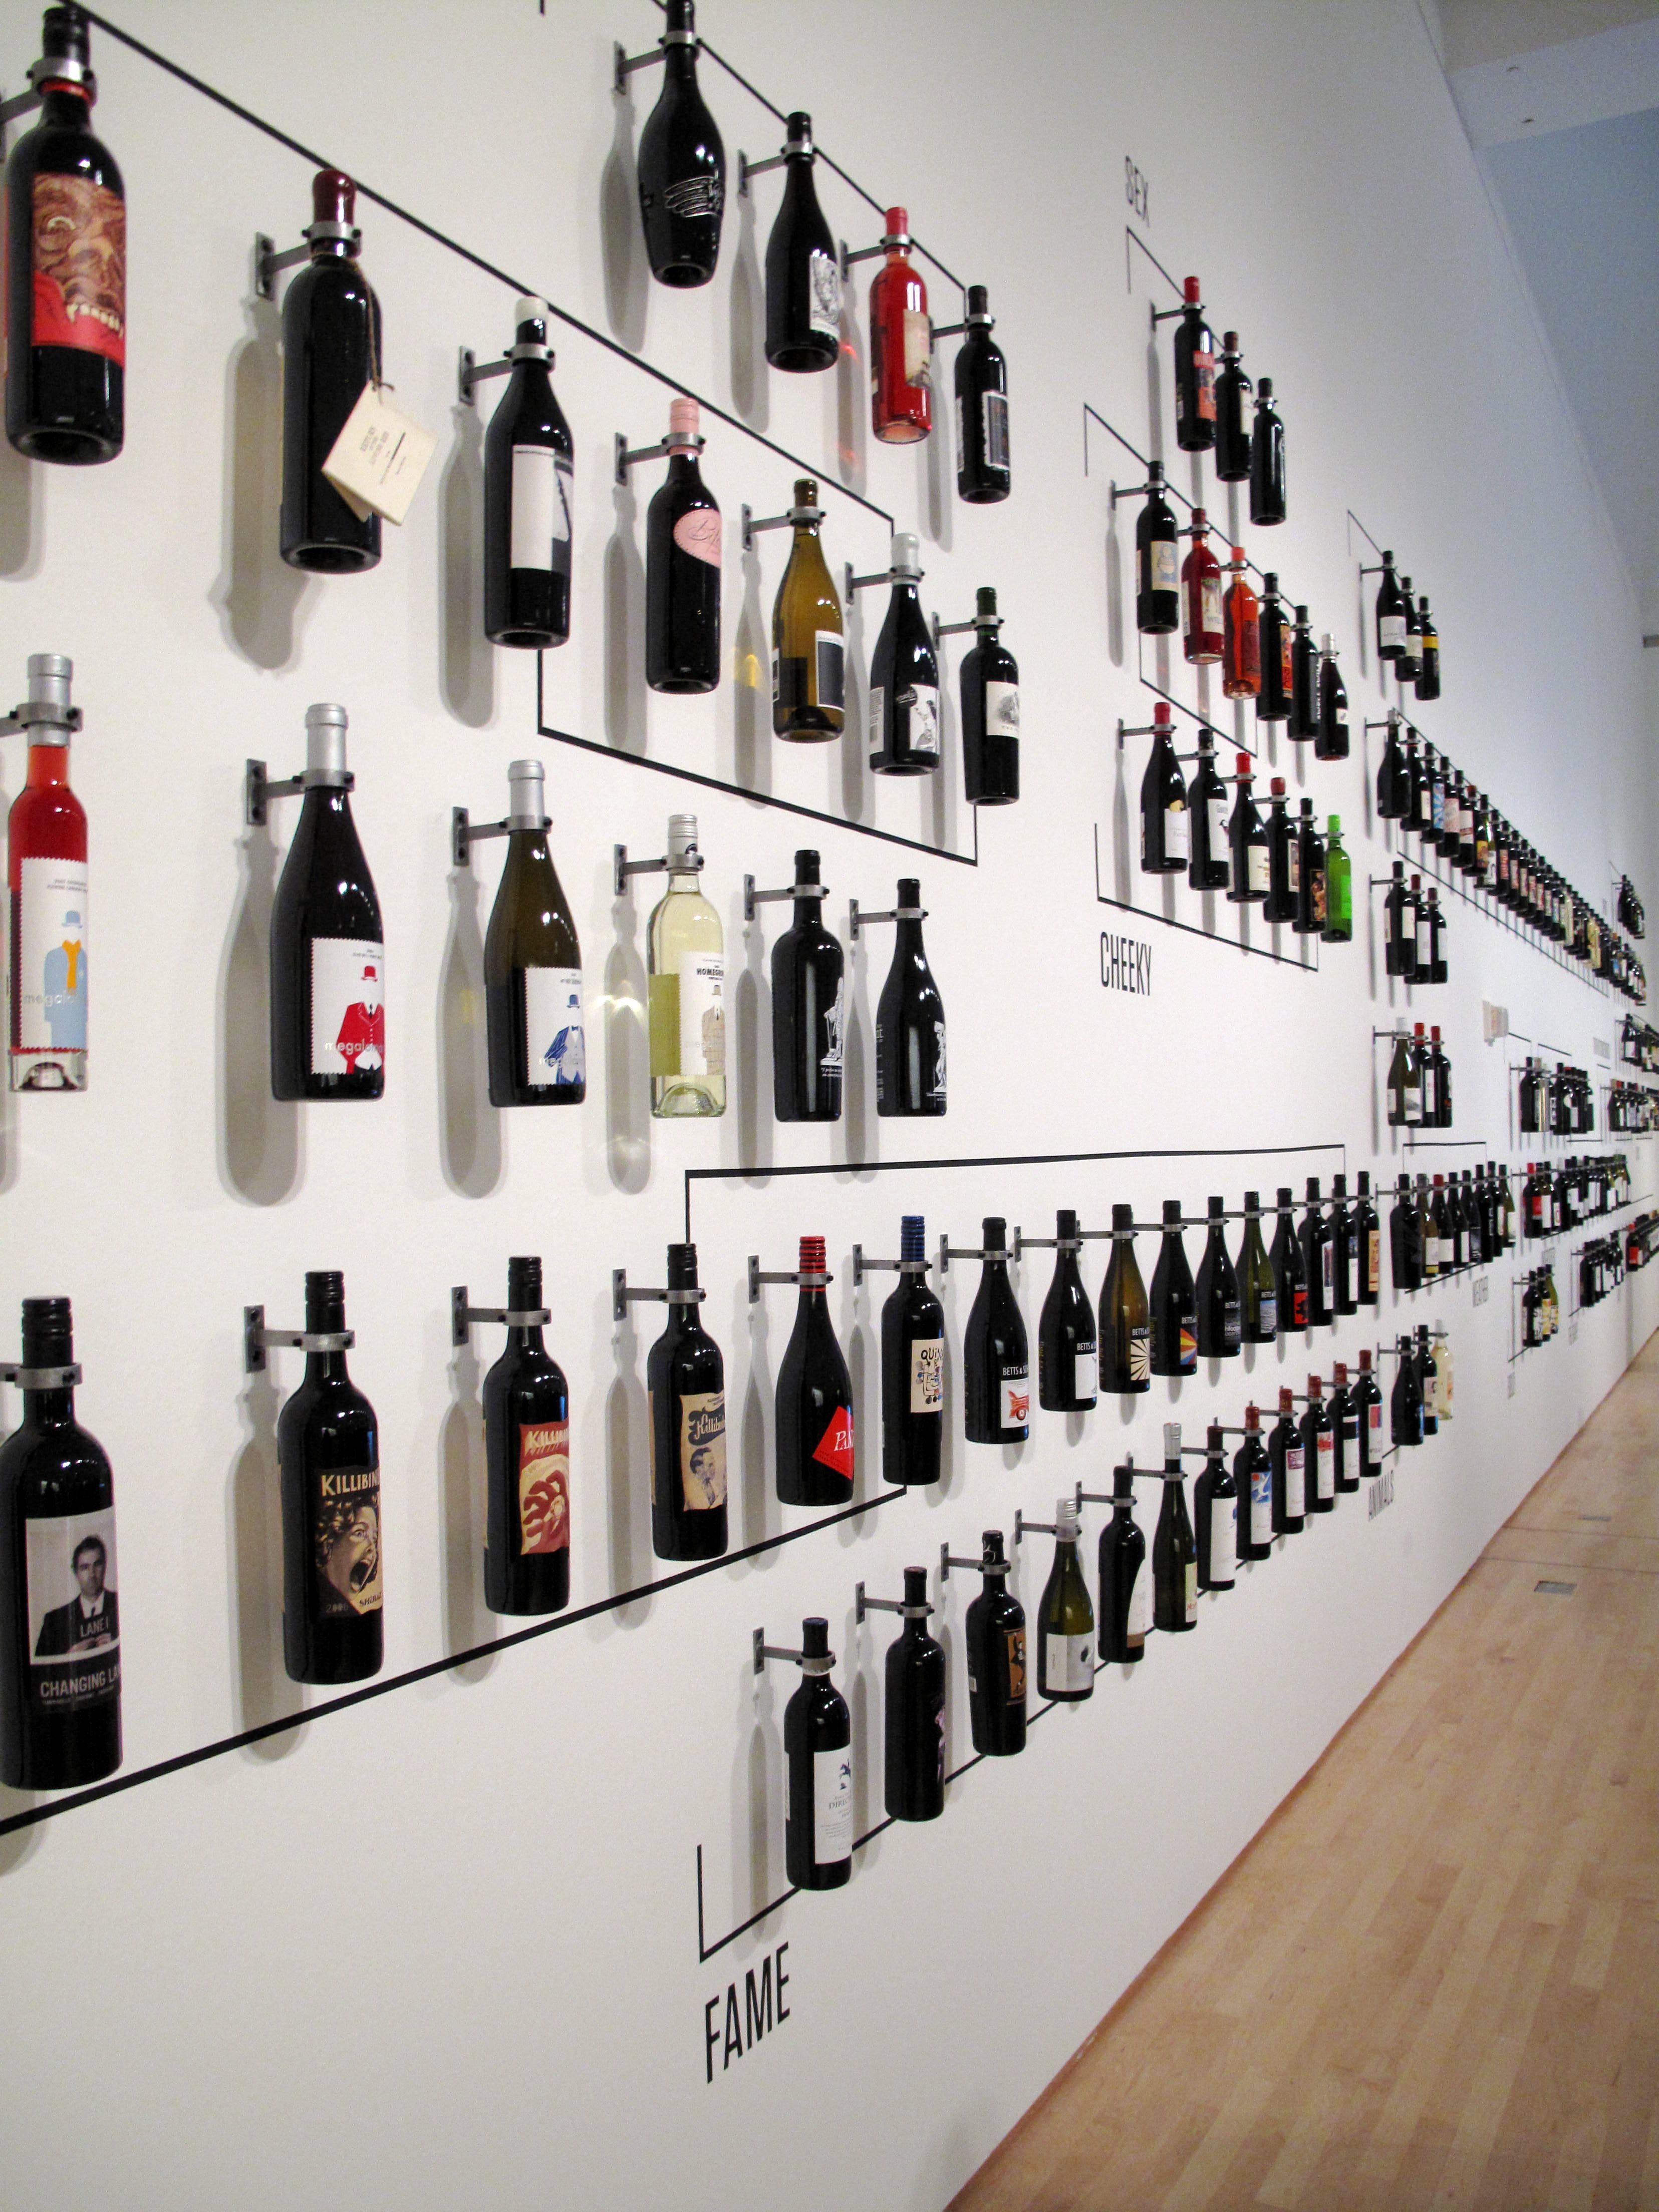 Wall Of Wine Bottles Wine Bottle Wall Wine Shop Interior Wine Bottle Display